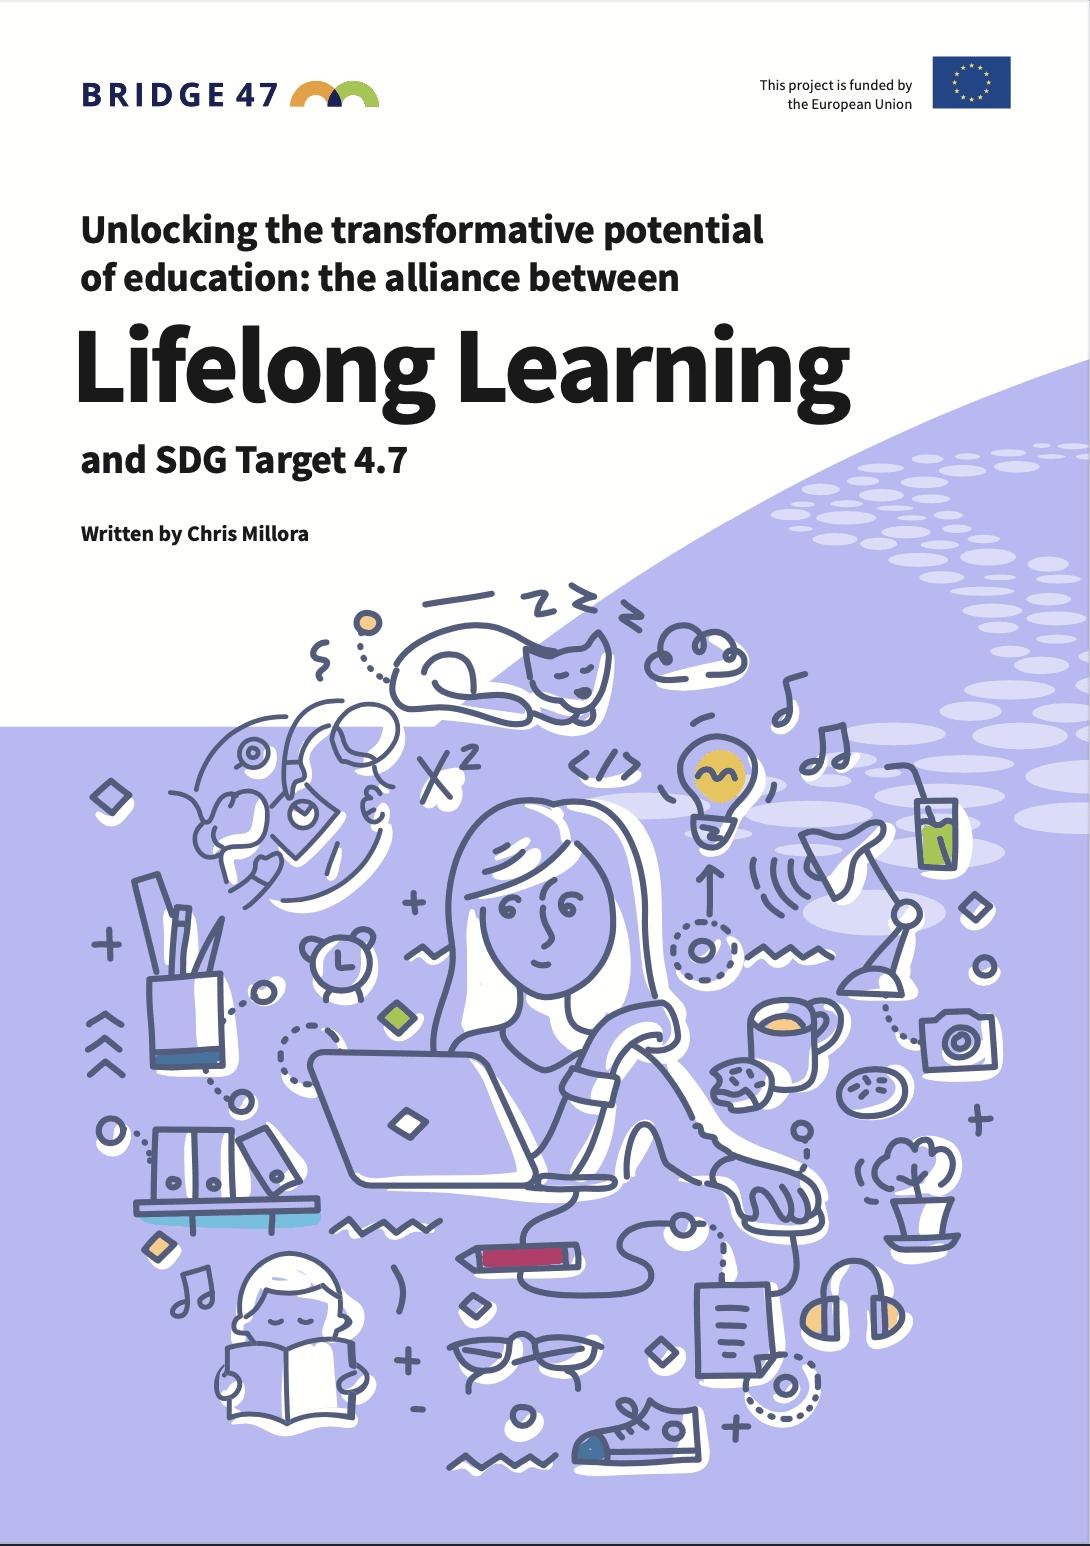 Vseživljenjsko učenje in trajnostni razvoj